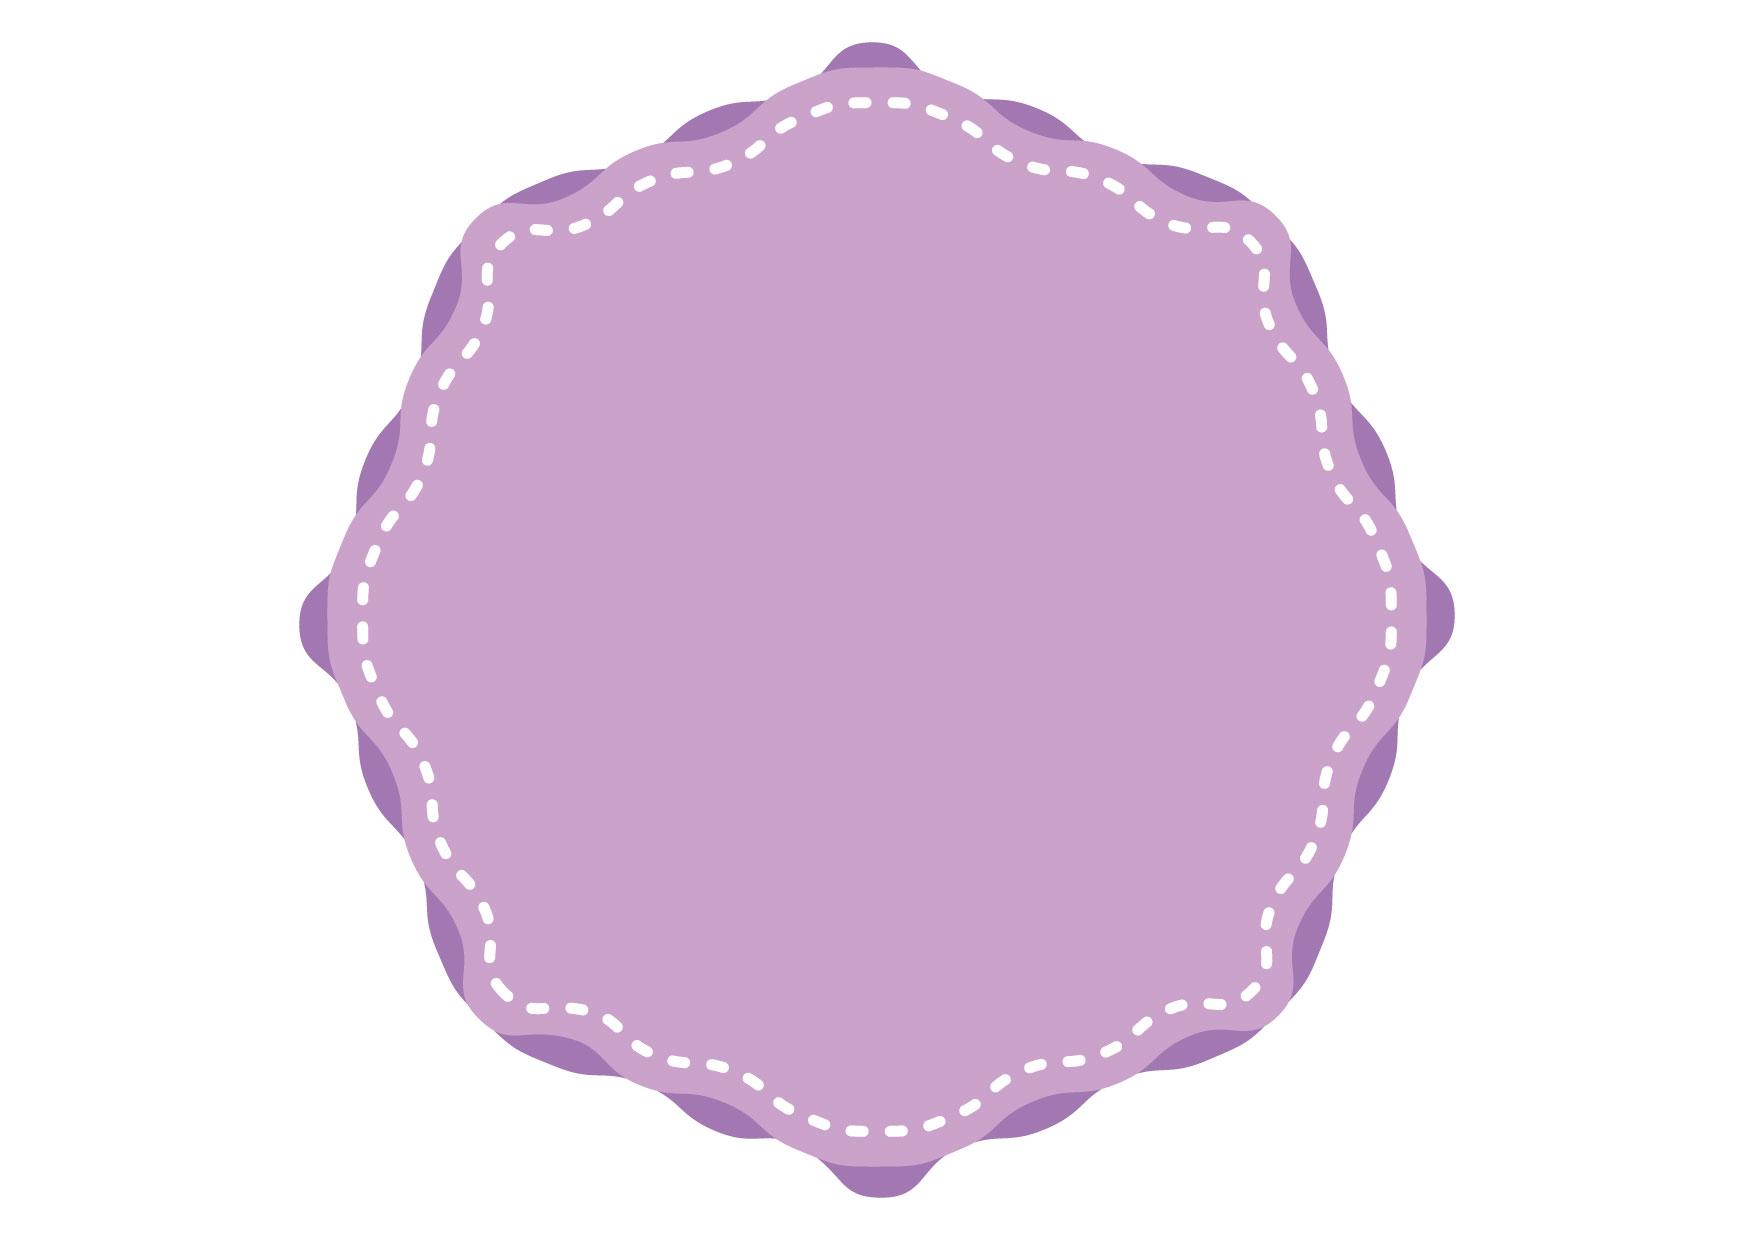 背景 紫 ステッチ フレーム イラスト 無料